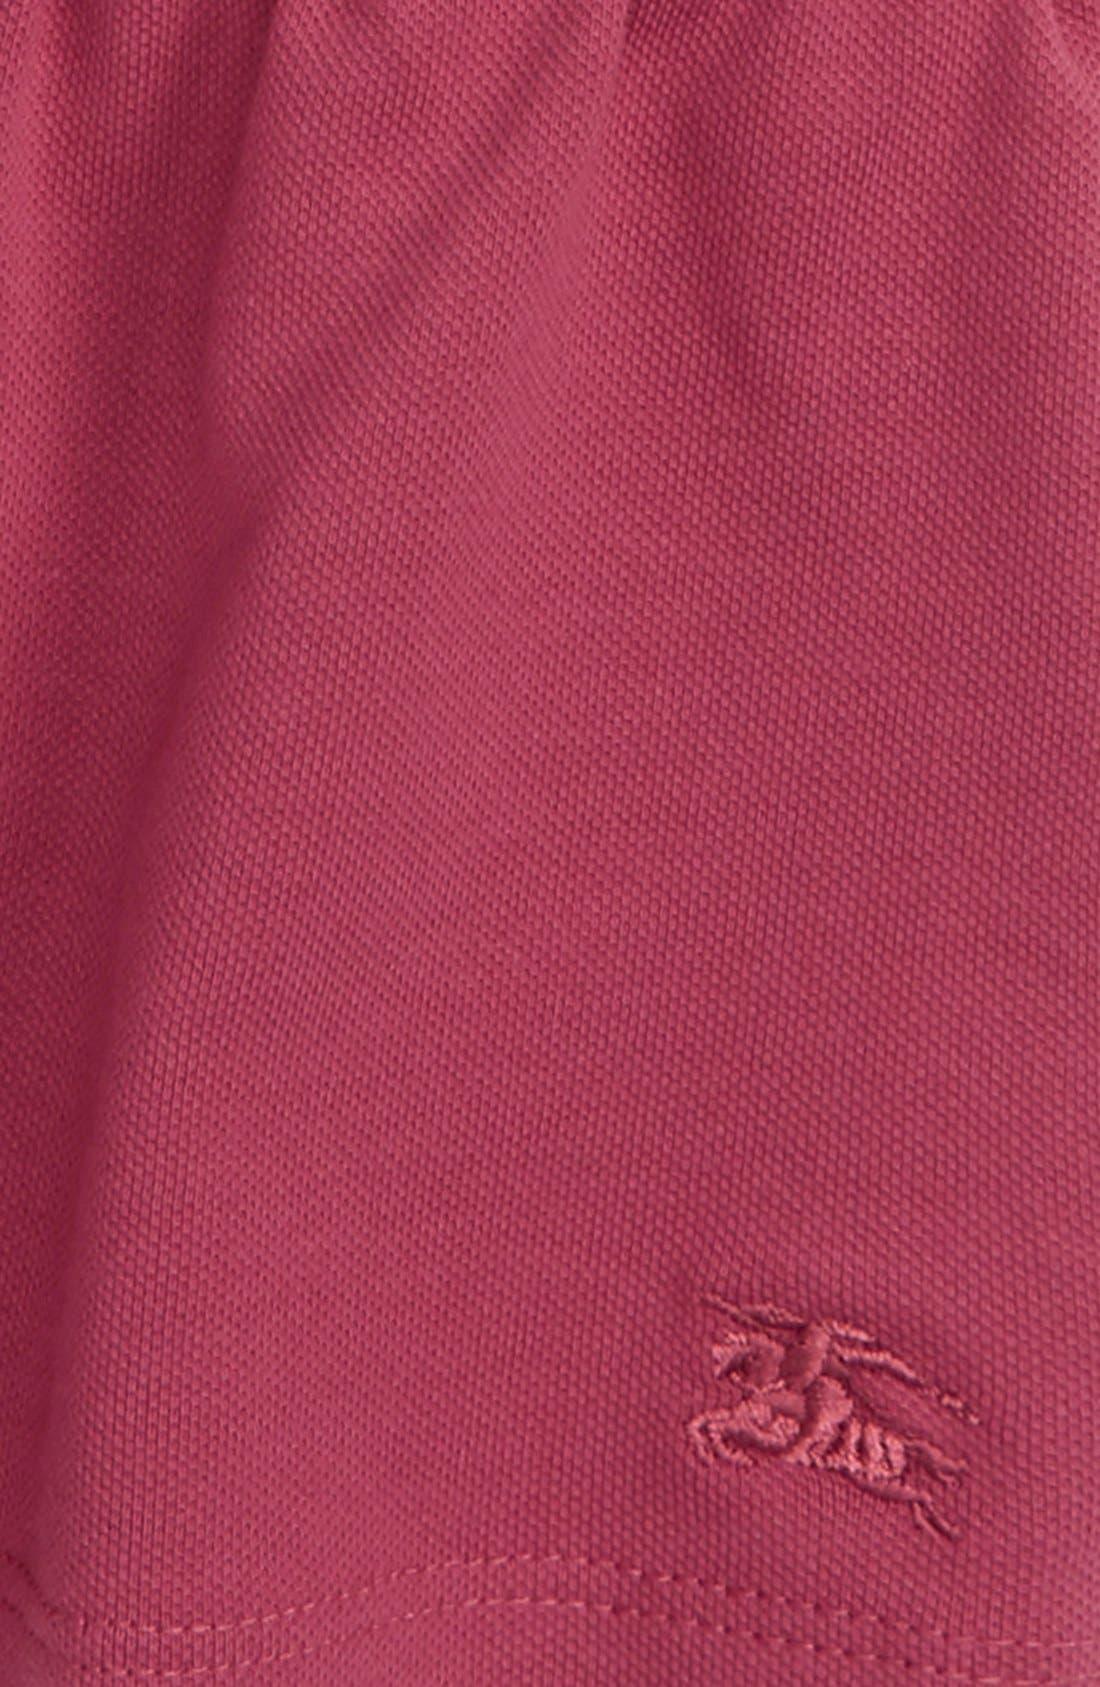 'Mini Cali' Polo Dress,                             Alternate thumbnail 9, color,